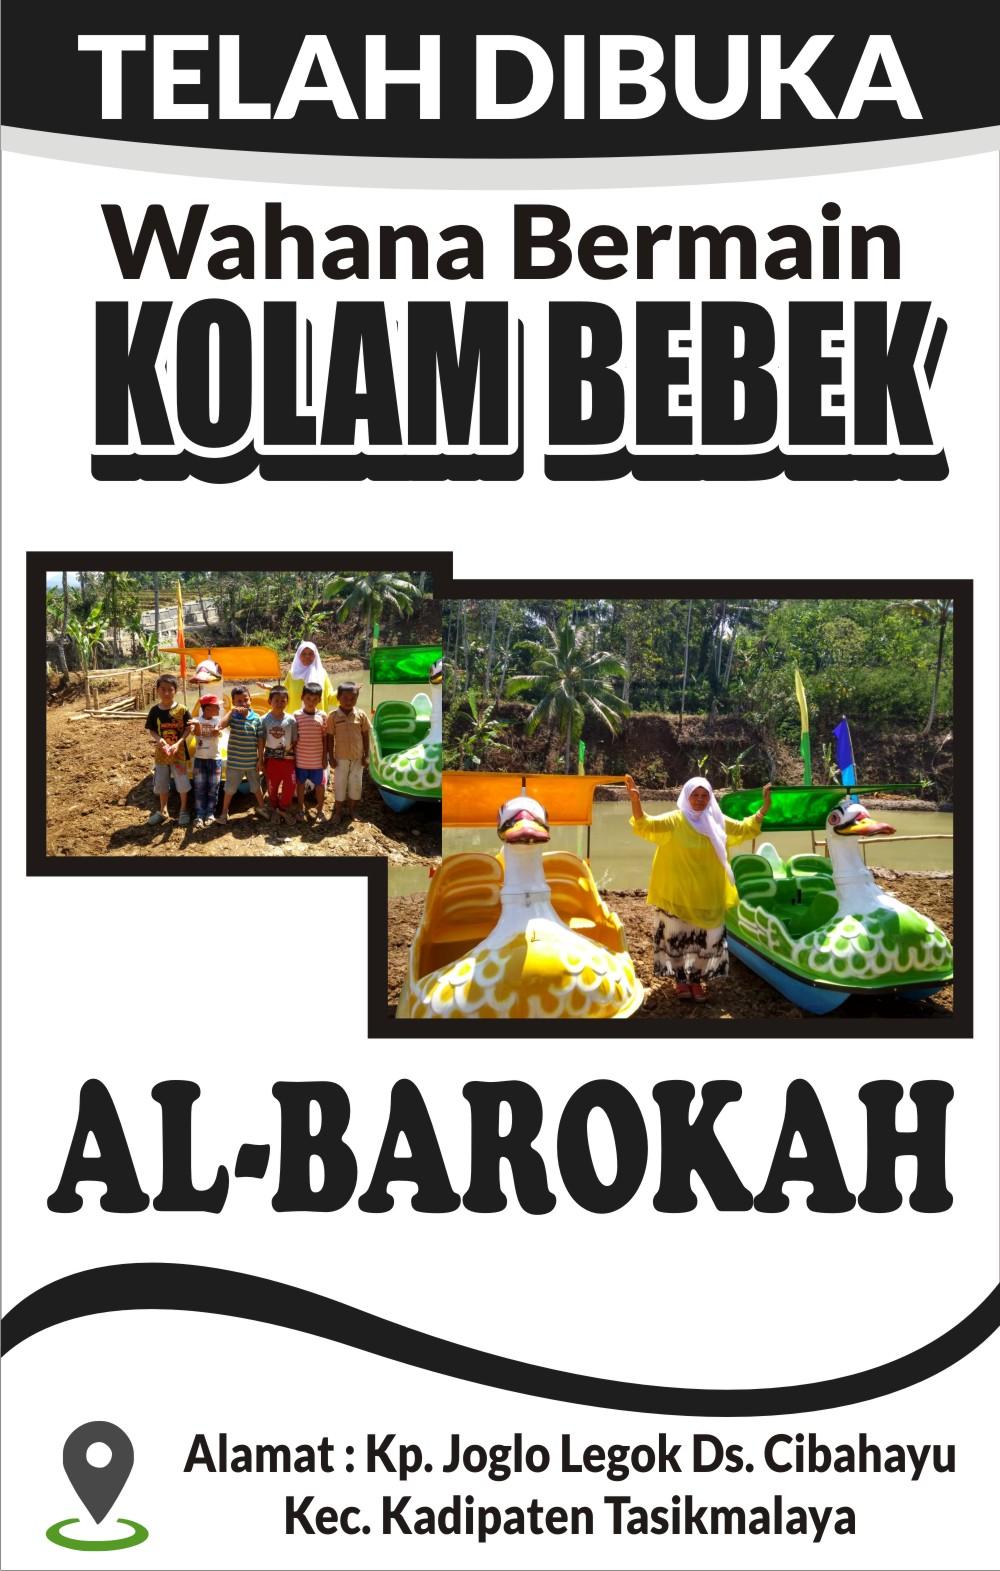 Download Contoh Spanduk Telah Dibuka Format CDR - KARYAKU